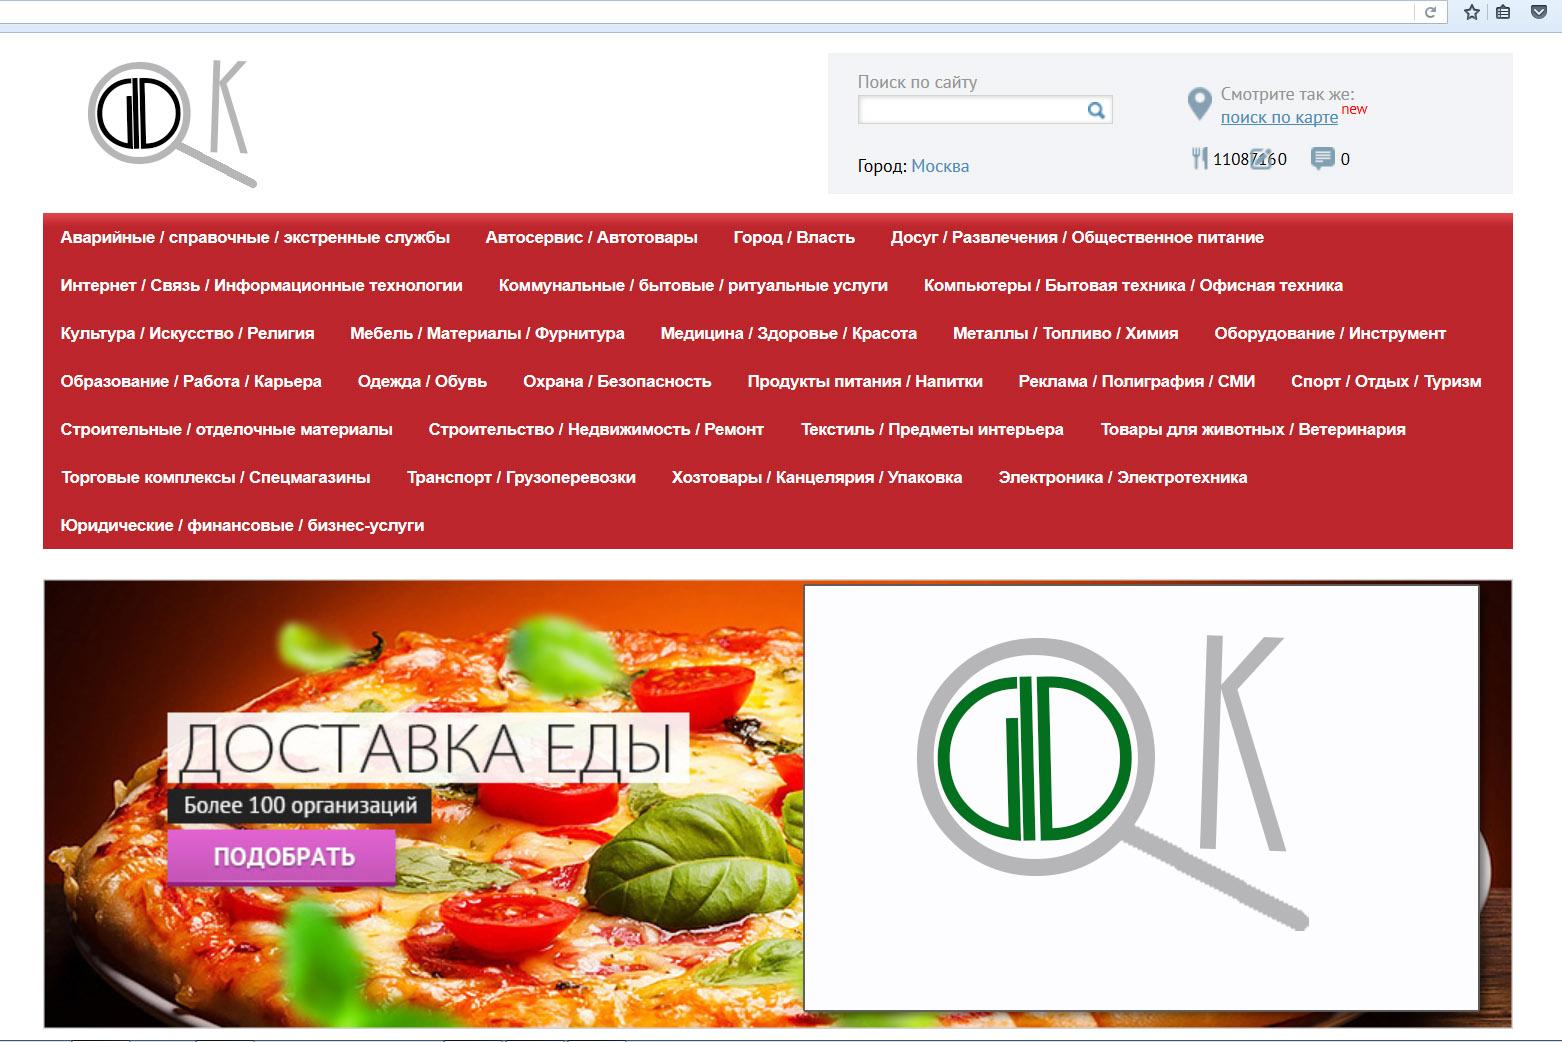 Логотип для сайта OKgid.ru фото f_44857d27aefdb6a4.jpg